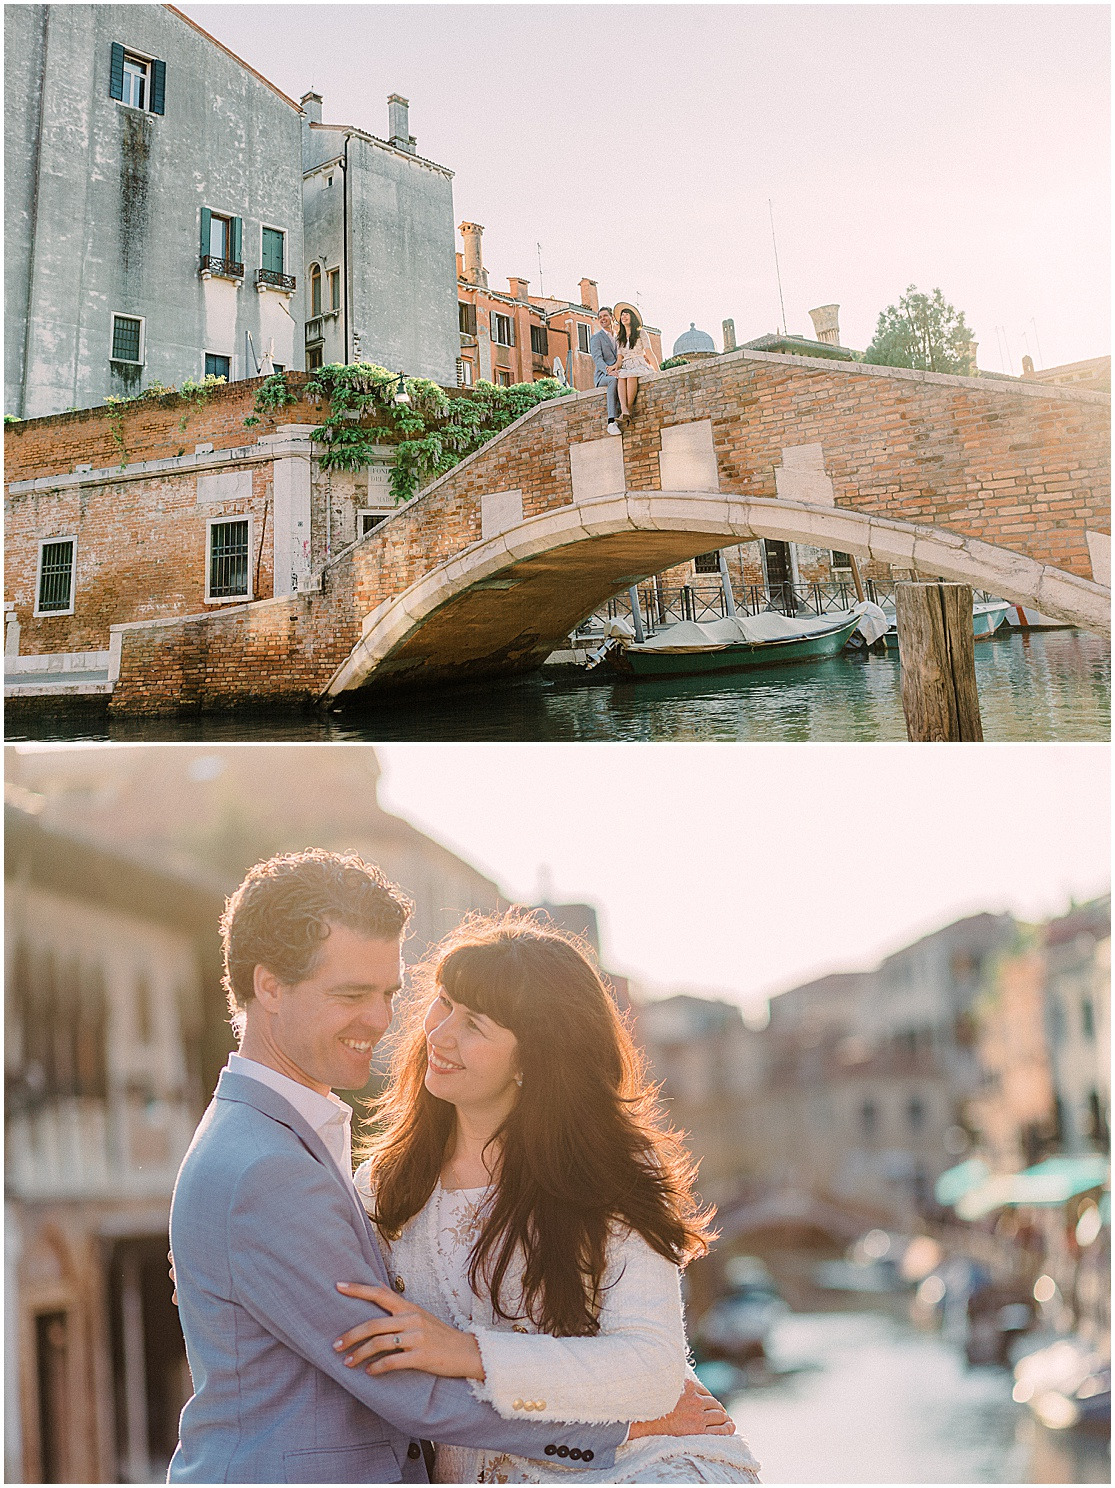 couple-photoshoot-in-venice-sunrise-stefano-degirmenci_0456.jpg